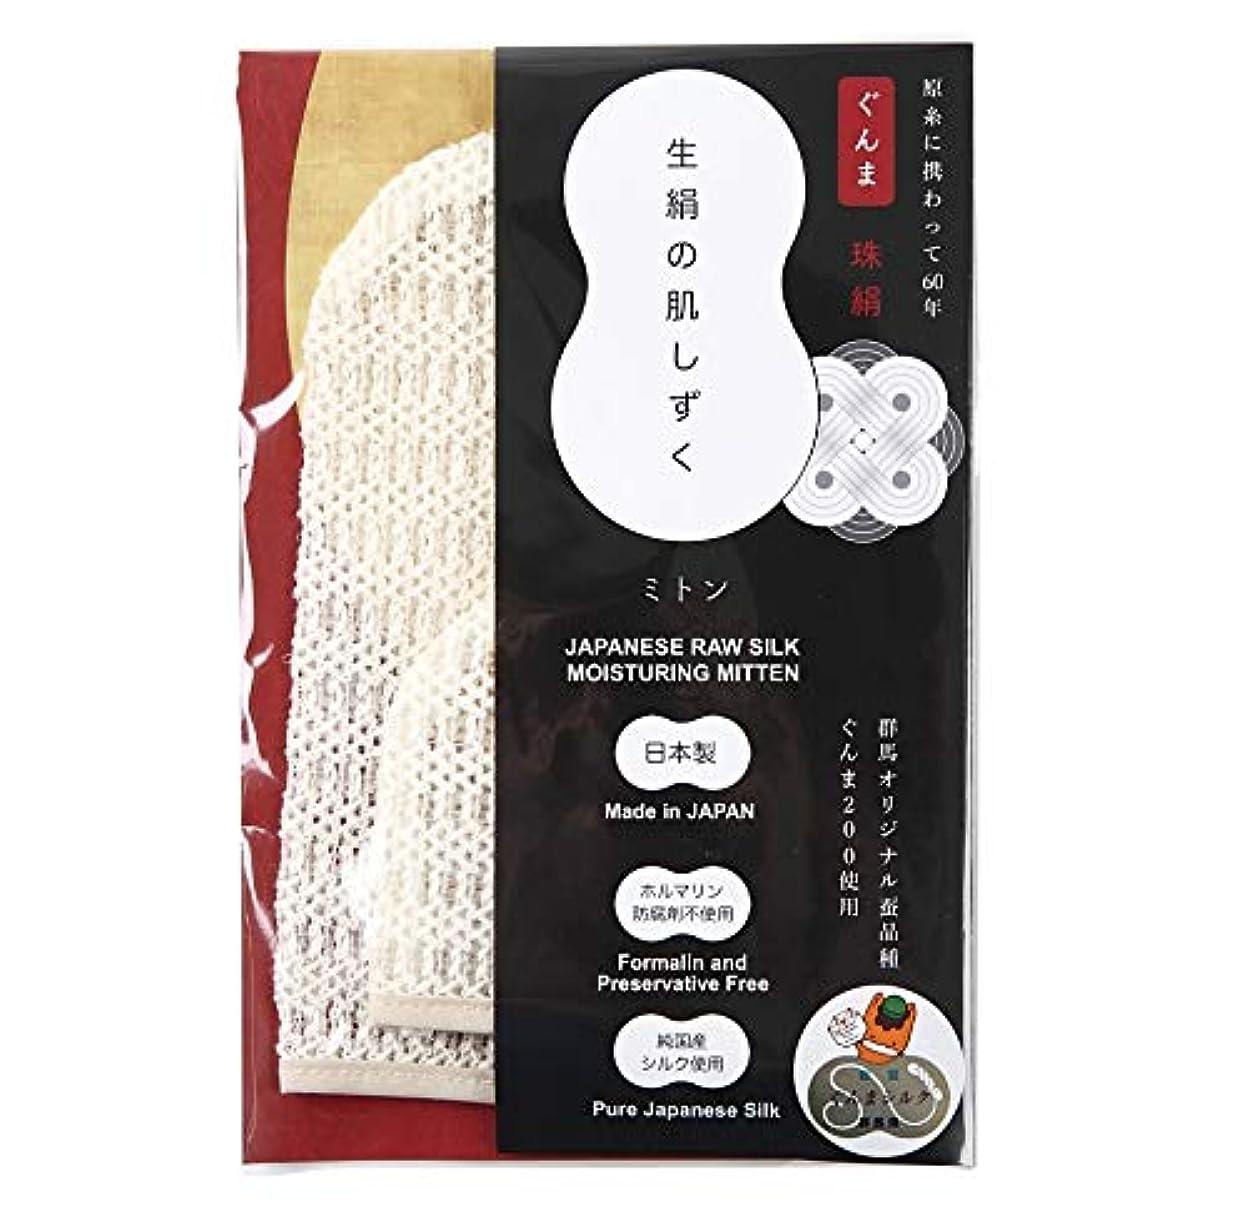 社会主義黒人光沢くーる&ほっと ネットロウシルクミトン 純国産生絹100%「 珠絹(たまぎぬ) 生絹の肌しずく」 ぐんまシルク 100% (群馬県内で一貫製造) 日本製 シルクプロテイン?セリシンそのまま たっぷり 大小セット ネットロウミトン